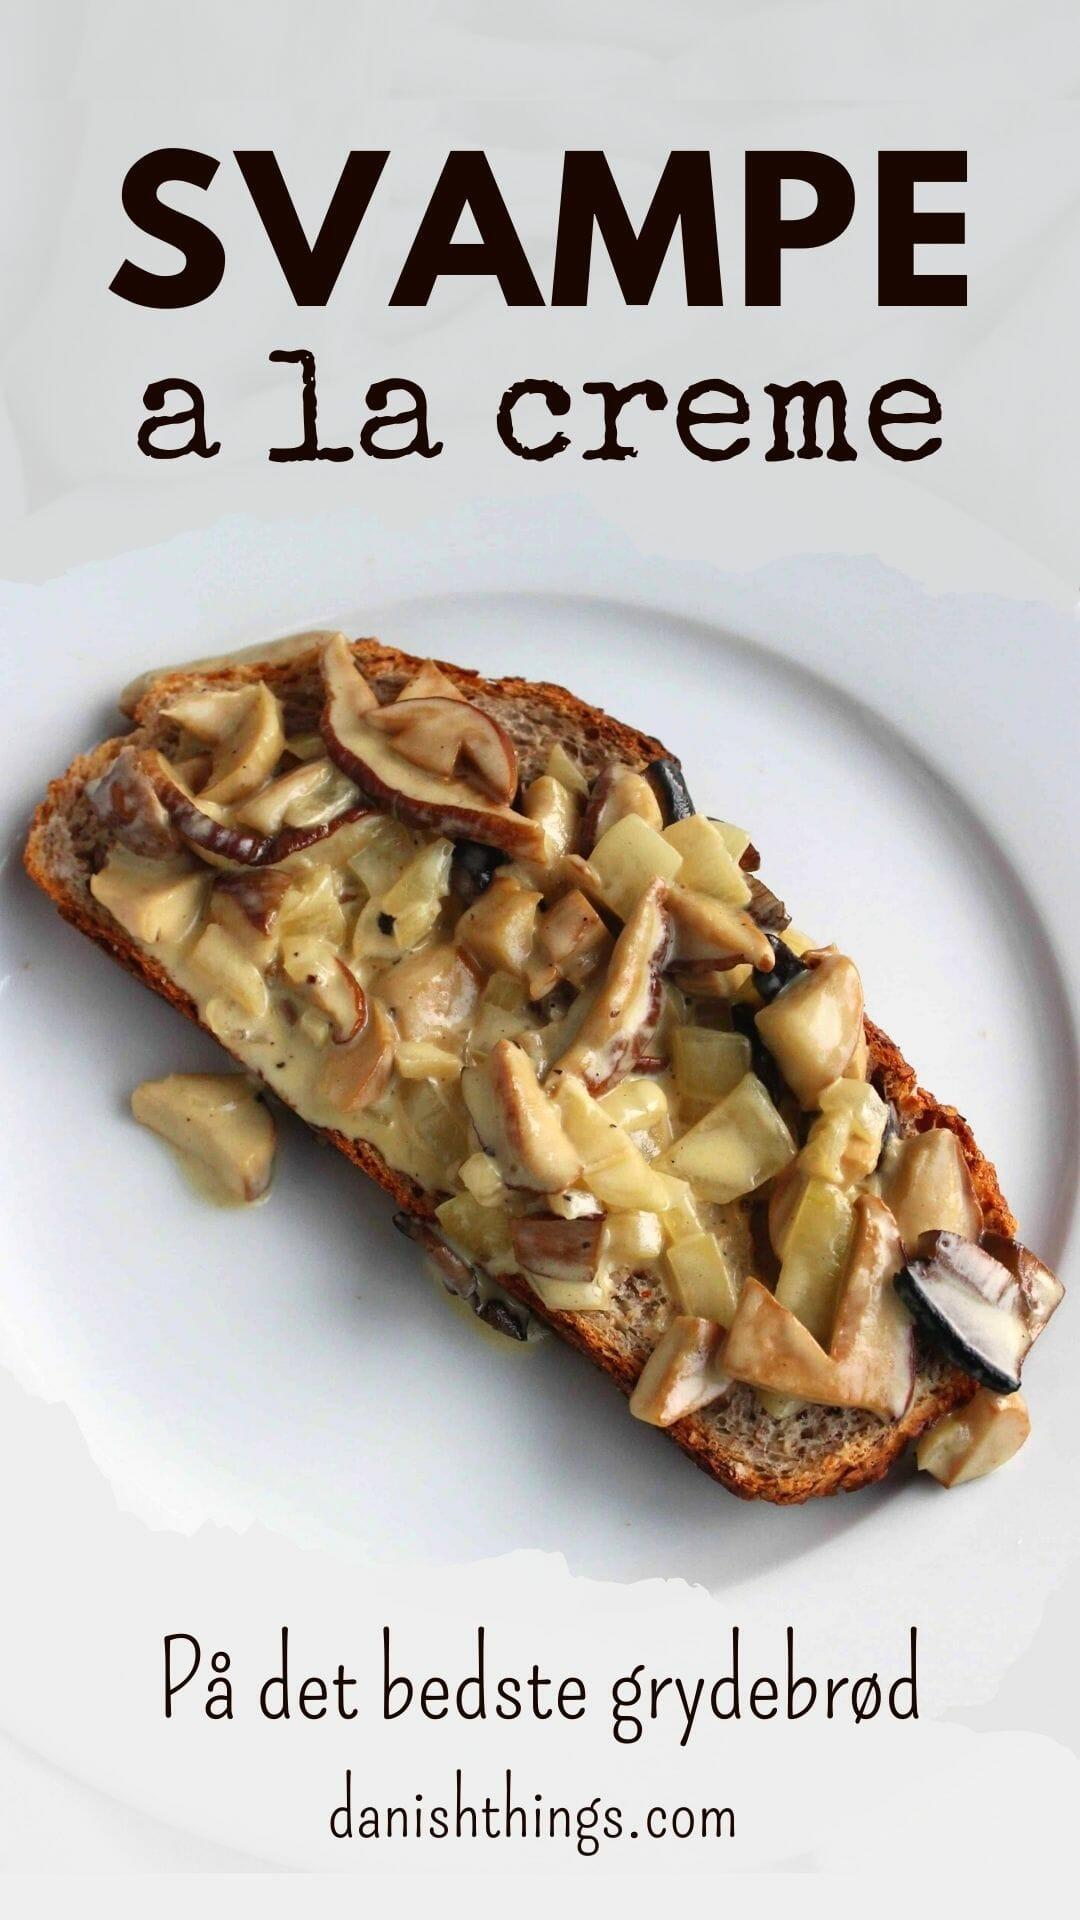 Sådan laver du svampe a la creme med Karl Johan (og de andre lækre spisesvampe). Spis svampene på et godt brød, som en lækker pastaret, til kød, i tarteletter... Find opskrifter, gratis print og inspiration til årets gang på danishthings.com #DanishThings #svampe #karljohan #spisesvampe #svampealacreme #svampe-a-la-creme #svampe-toast #svampetoast #svampesauce #mad #efterår #lækkert